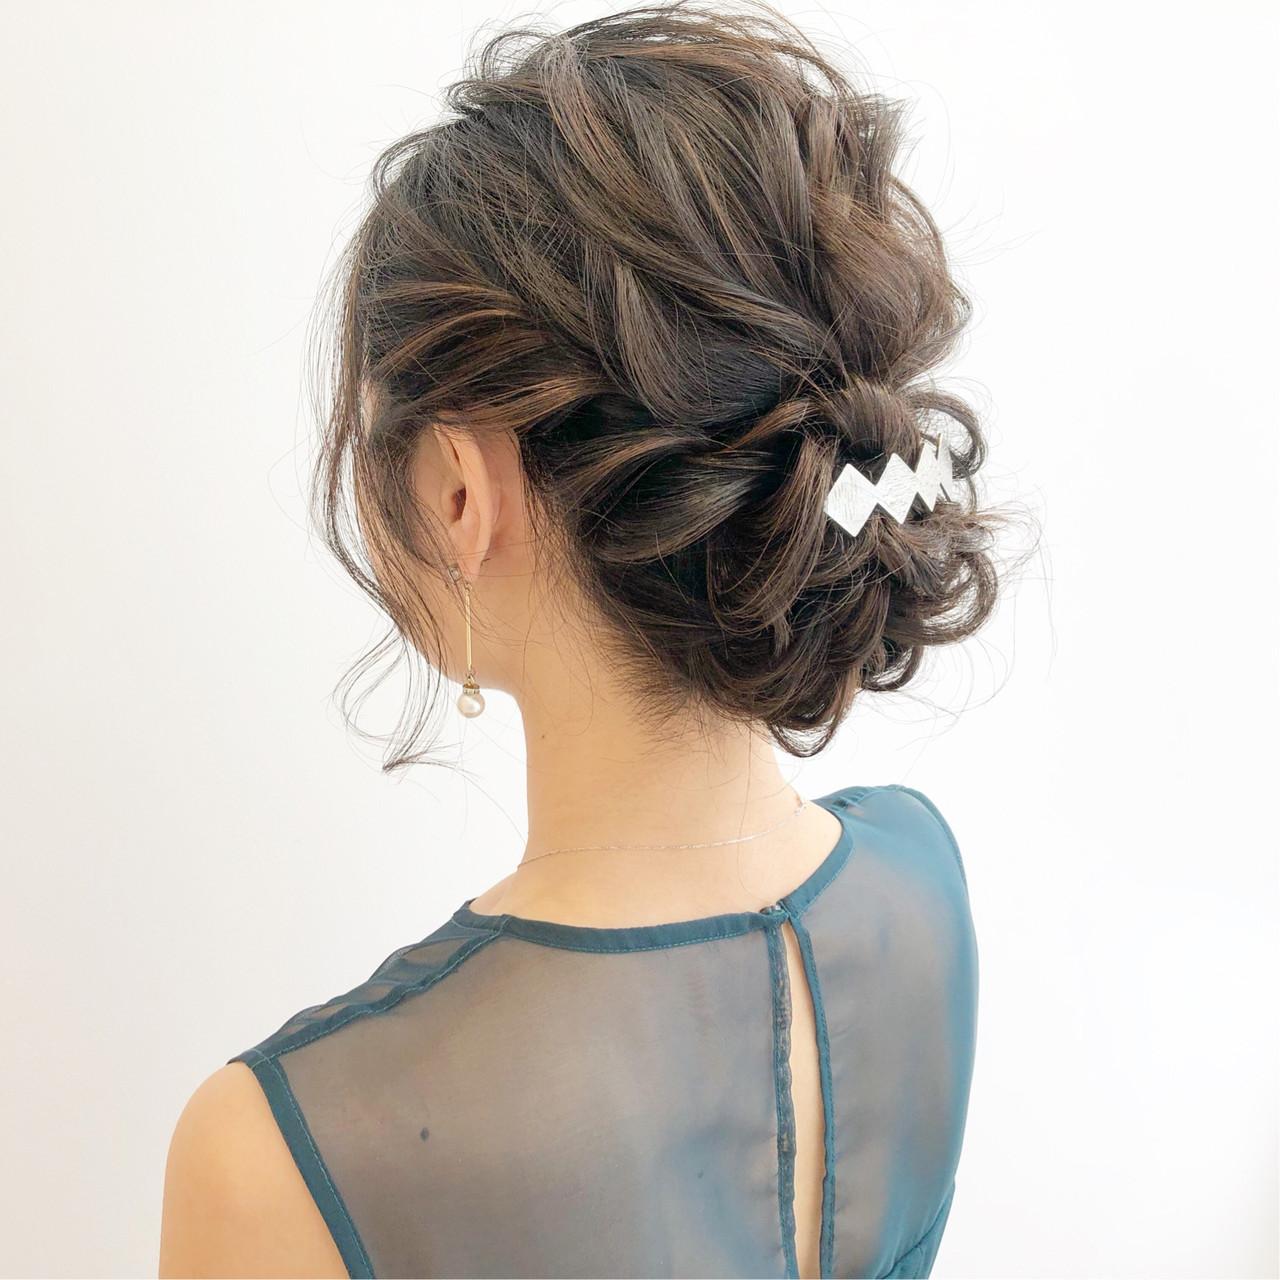 オフィス 簡単ヘアアレンジ 結婚式 セミロング ヘアスタイルや髪型の写真・画像   『ボブ美容師』永田邦彦 表参道 / send by HAIR